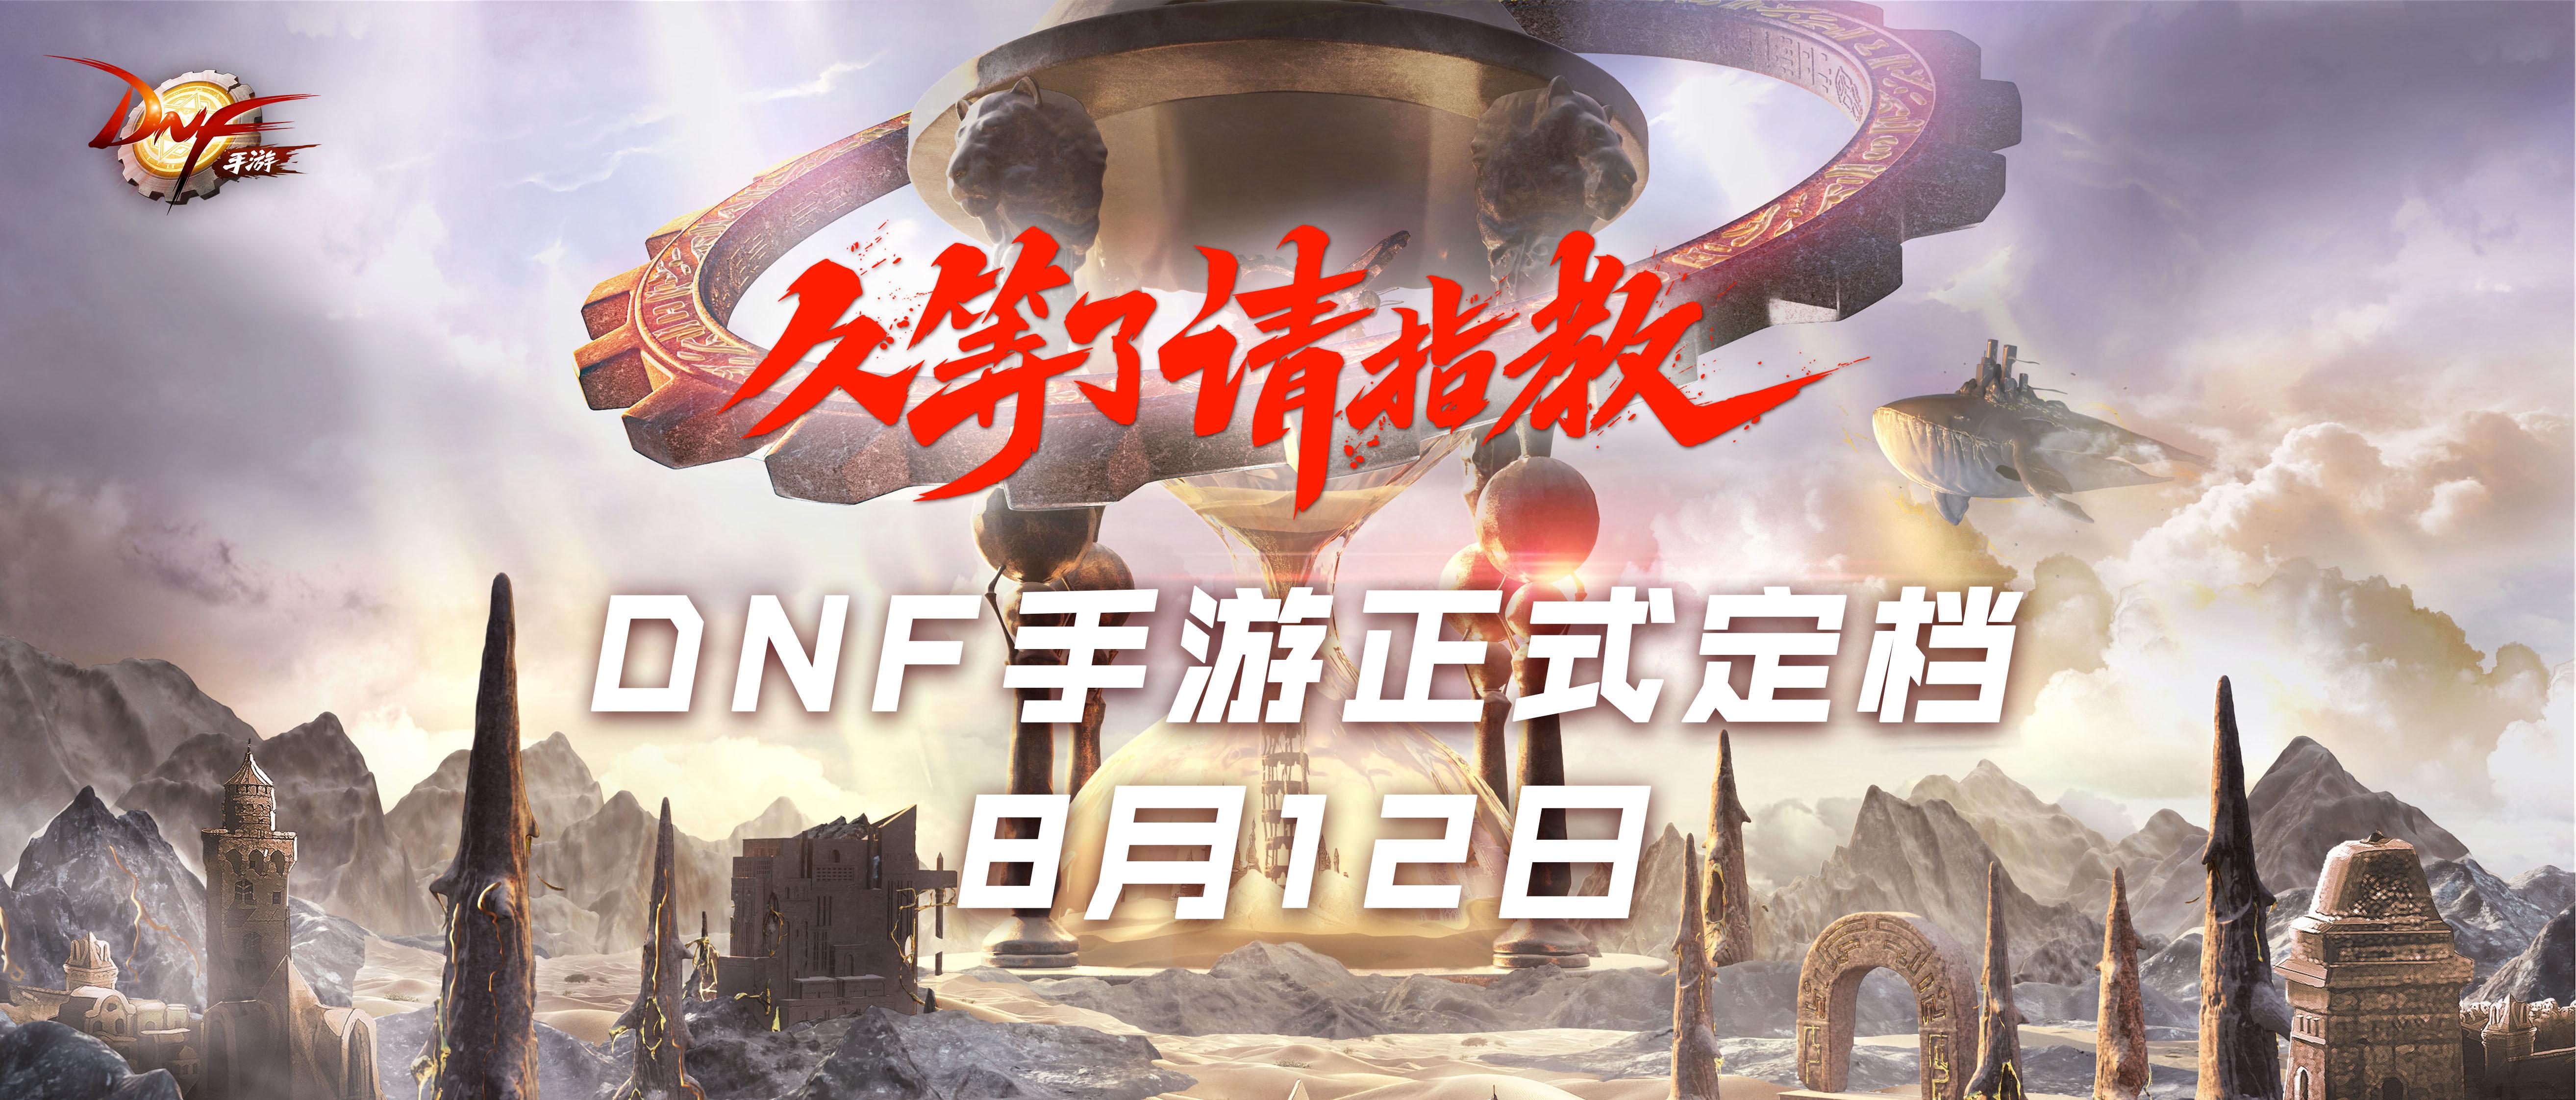 DNF手游亮相腾讯游戏年度发布会,正式定档8月